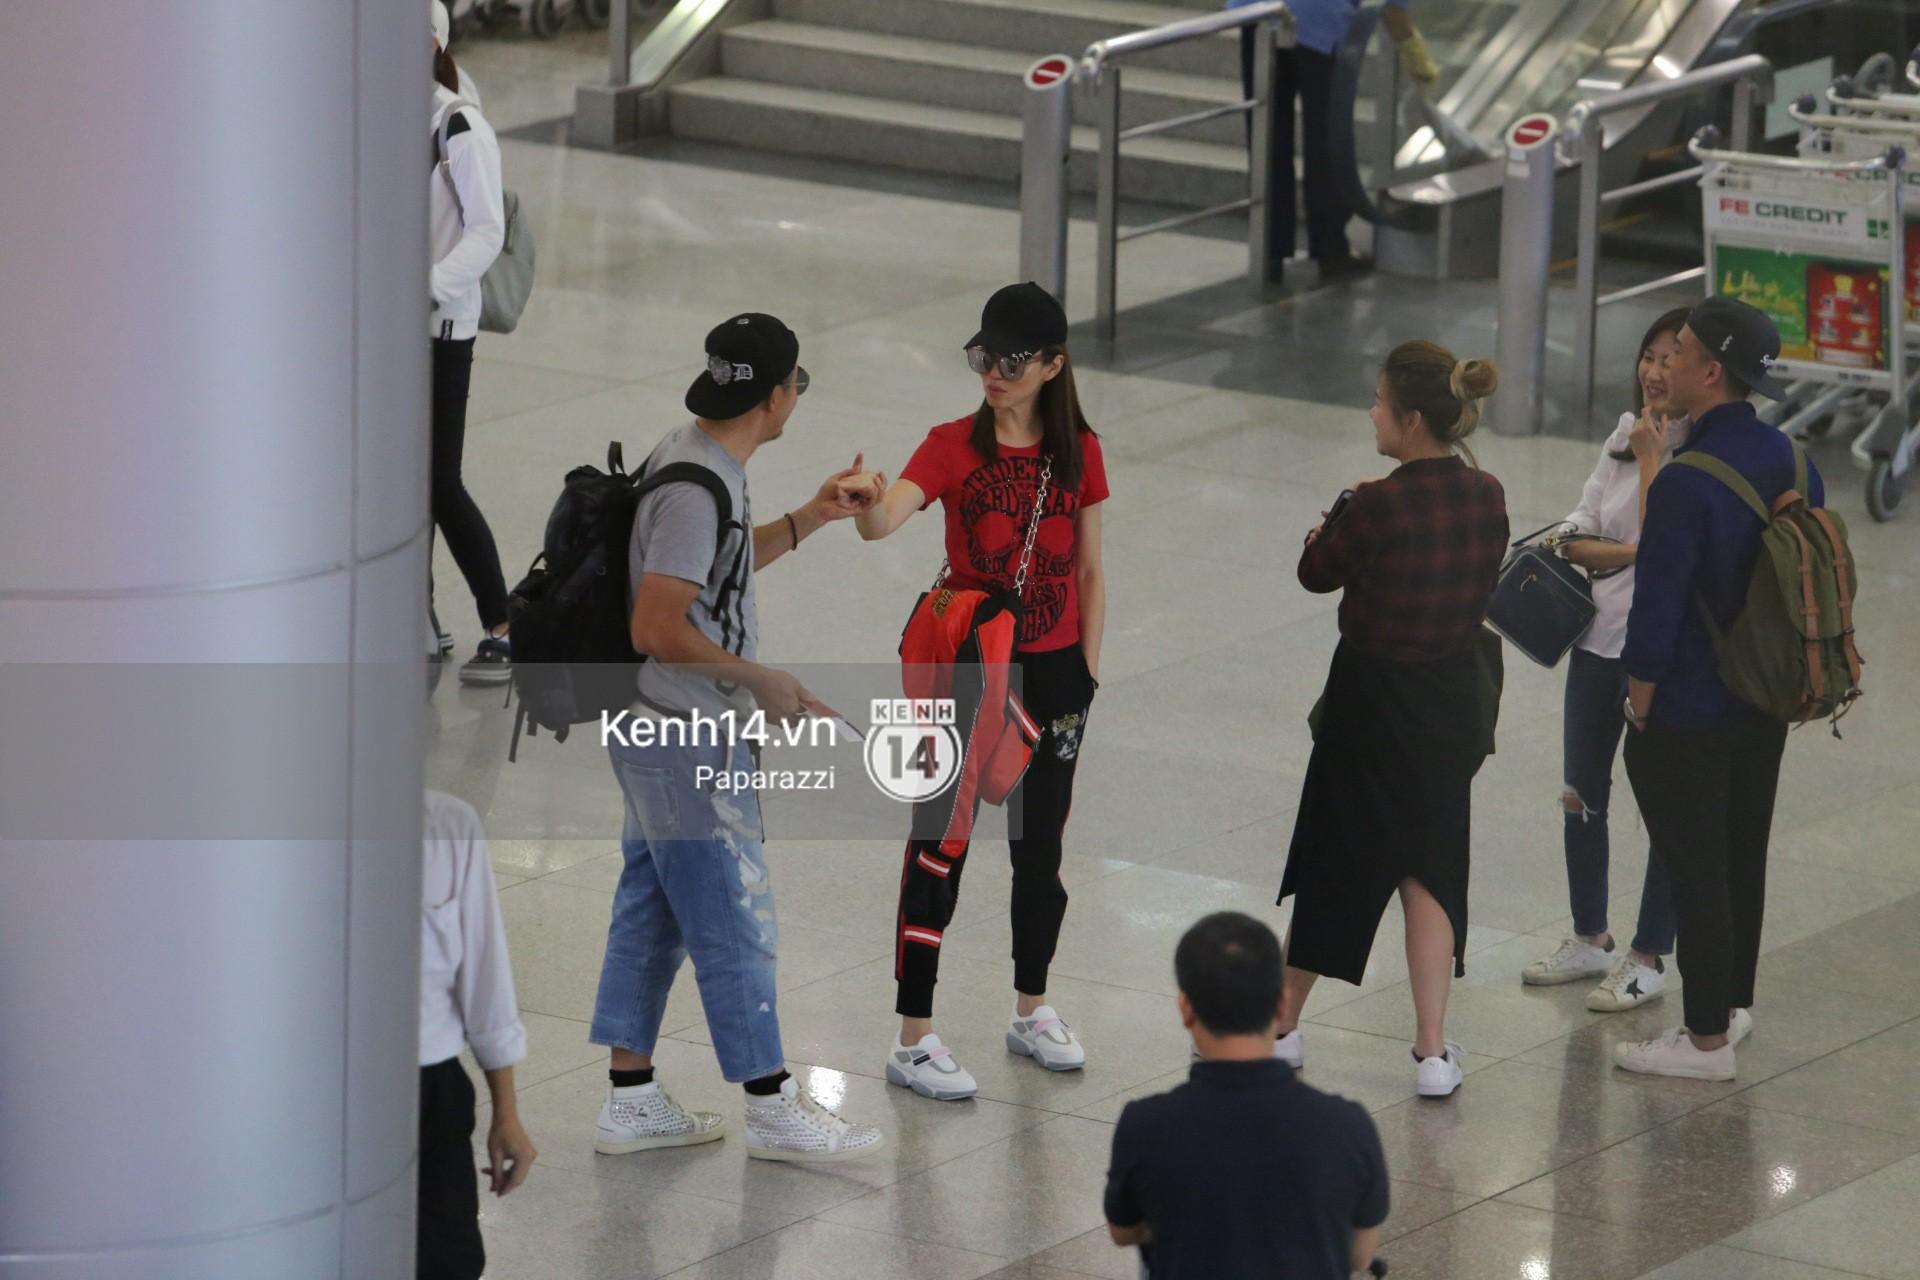 Vợ chồng Phạm Văn Phương - Lý Minh Thuận tay trong tay xuất hiện tại sân bay Tân Sơn Nhất 1